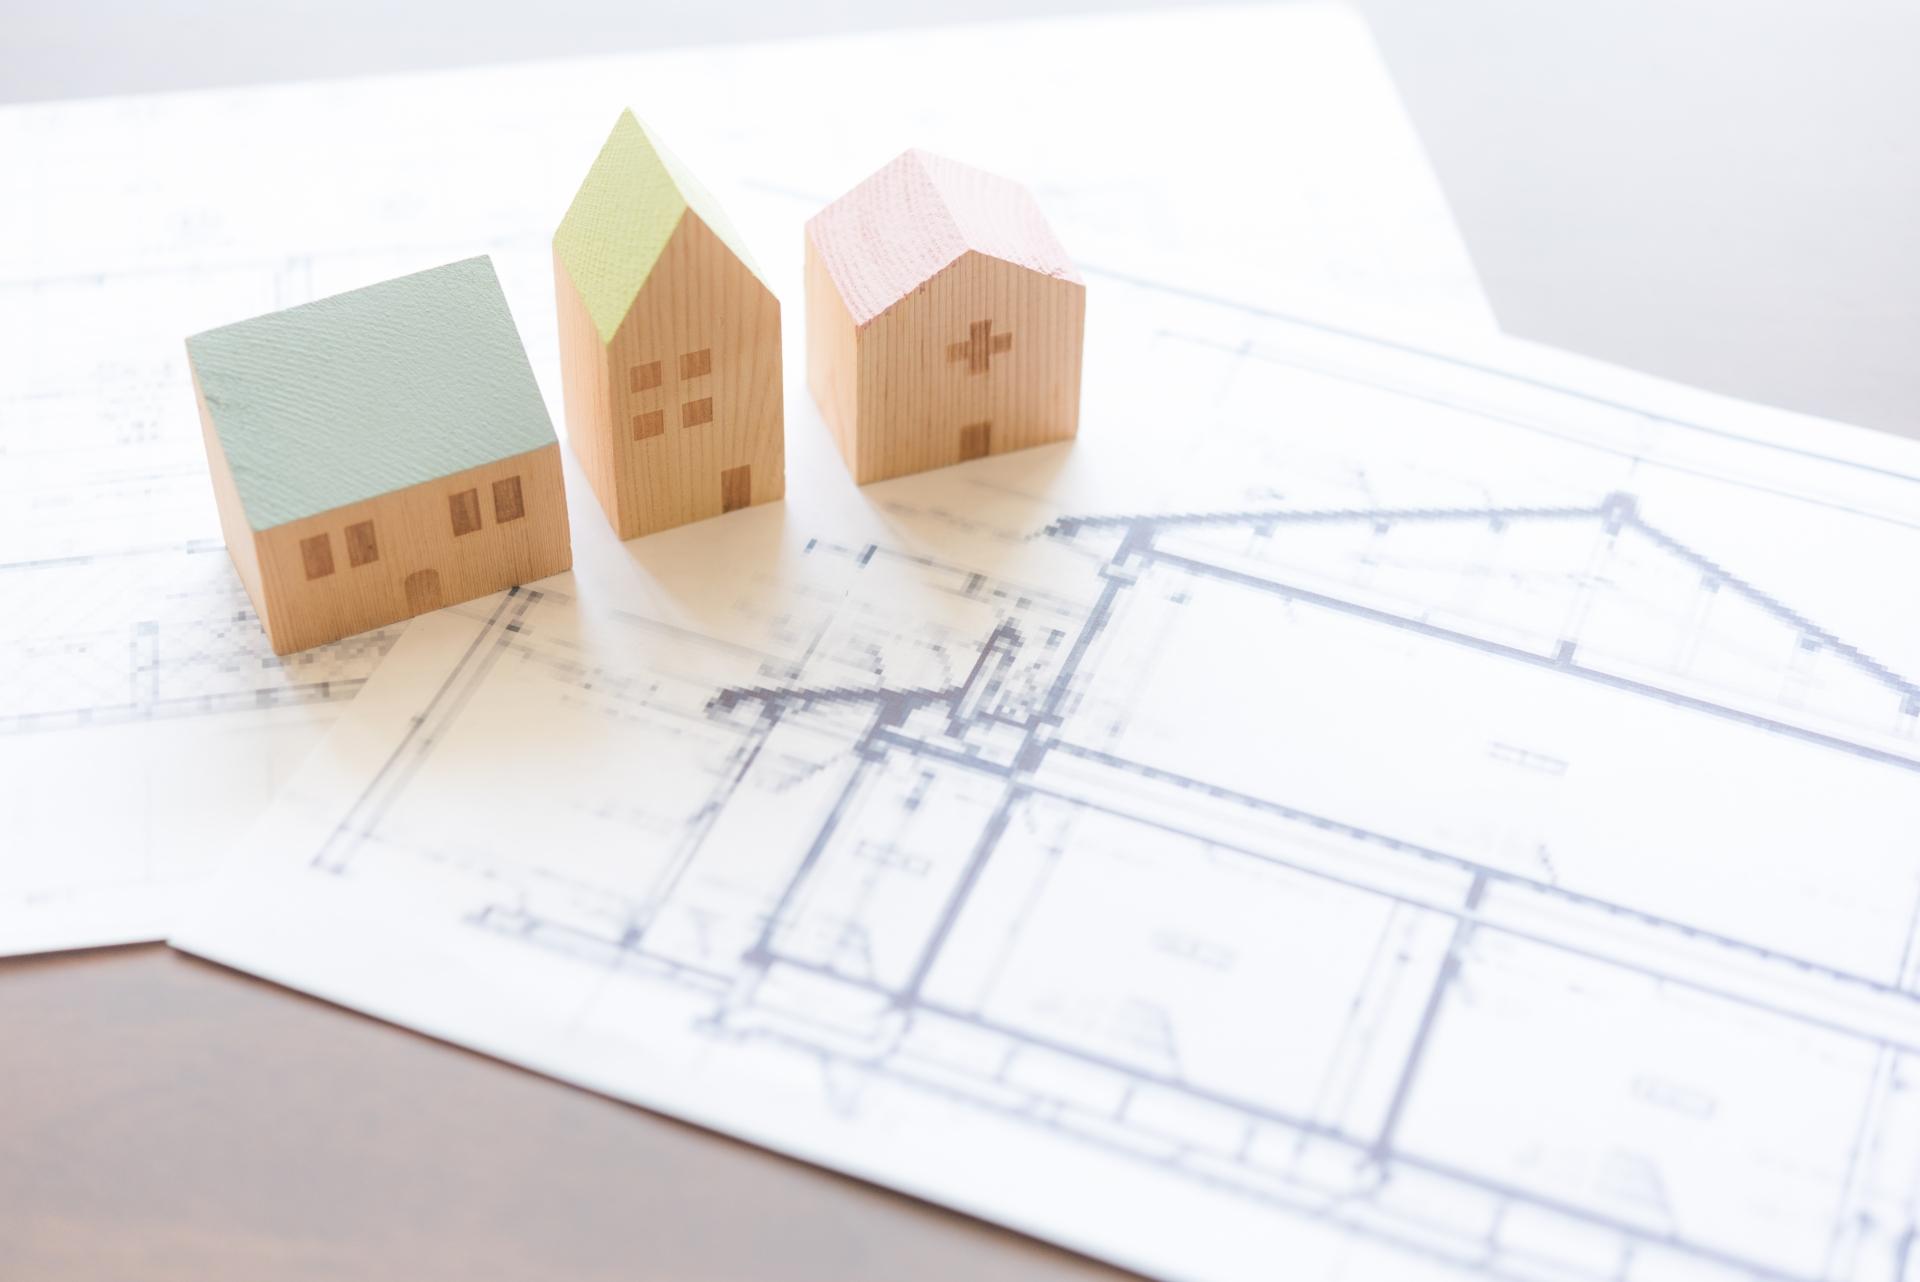 [早見表付き]屋根の塗装面積の坪別目安&詳しい計算方法3つを解説